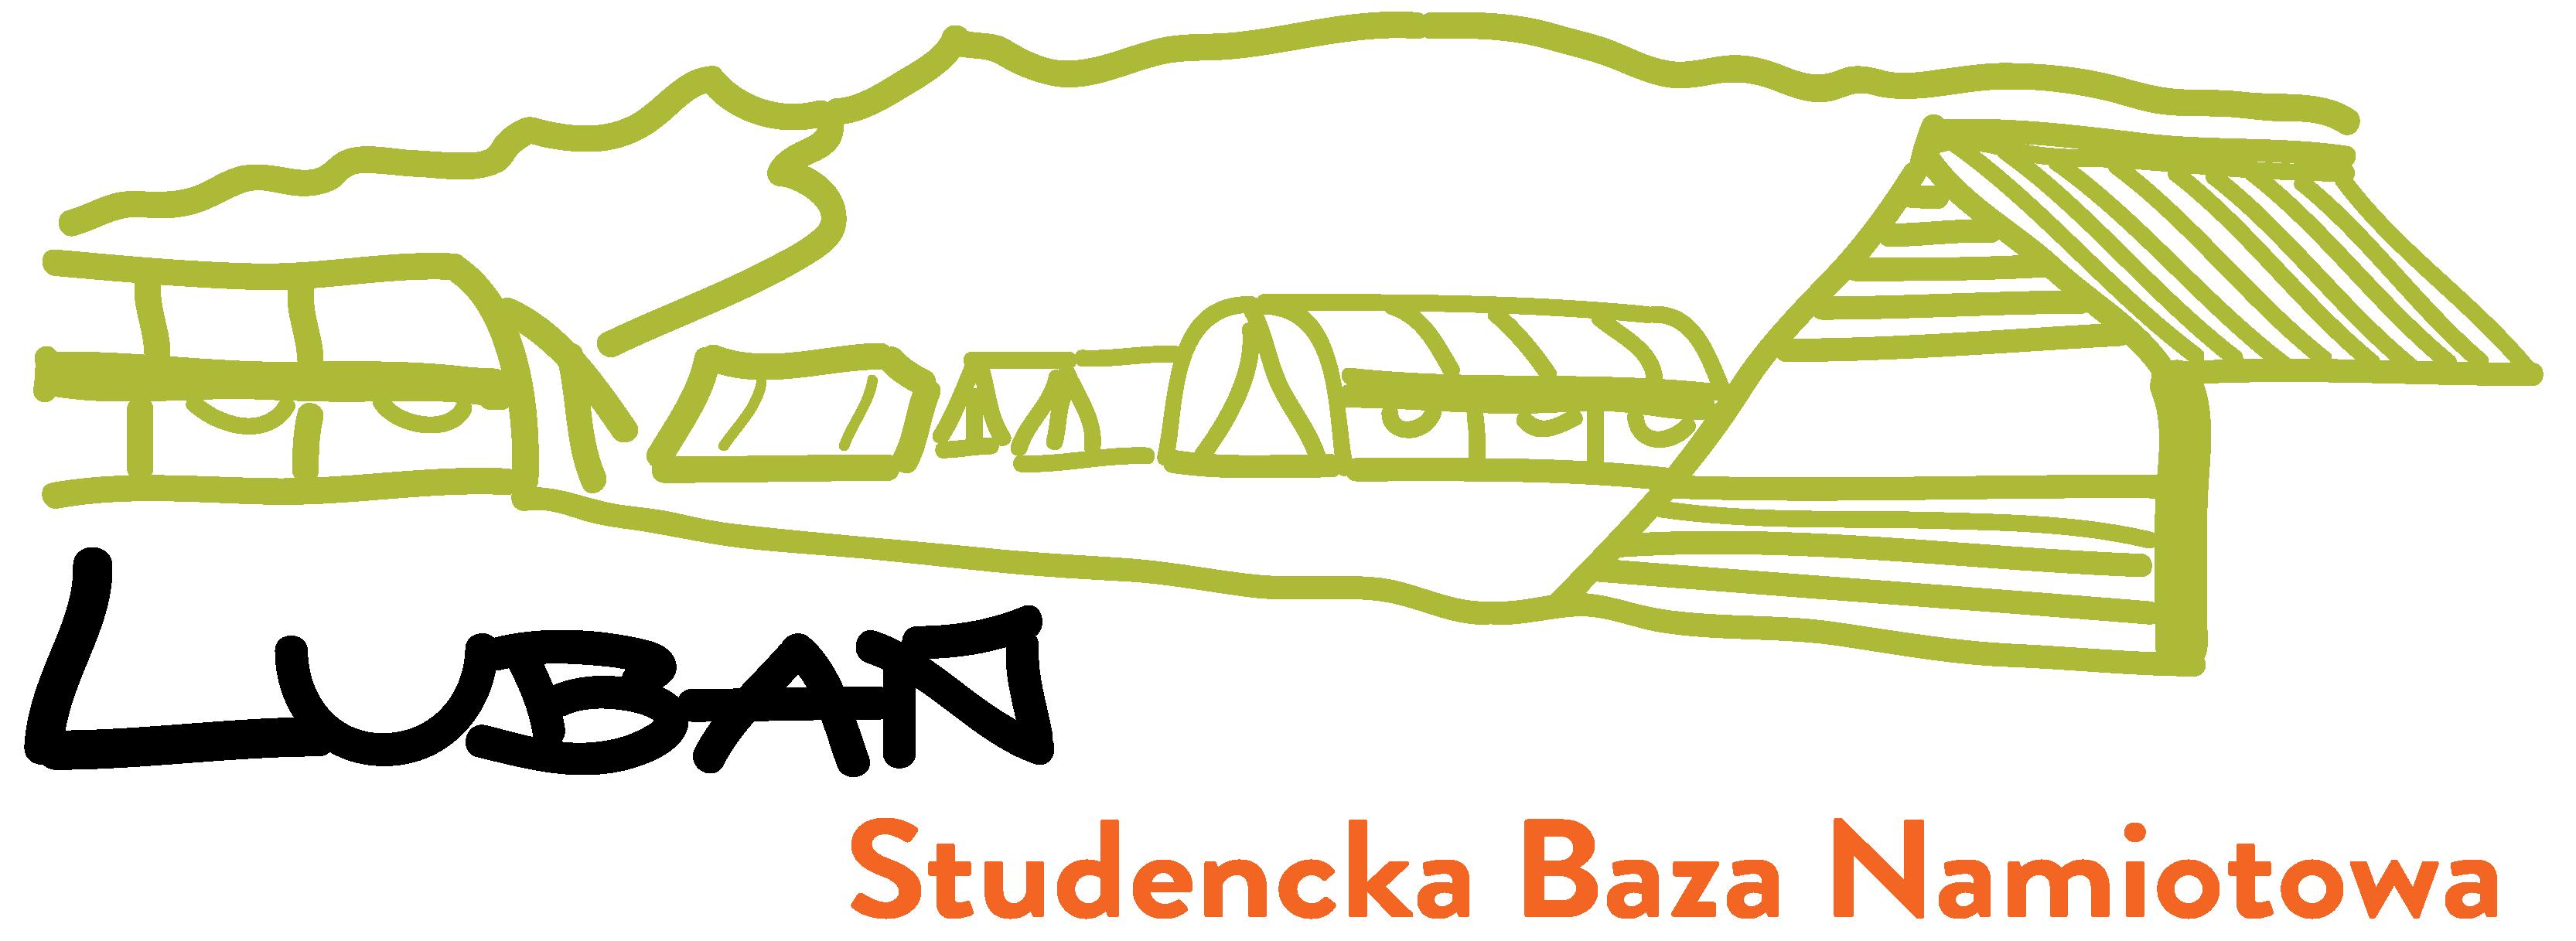 Studencka Baza na Lubaniu